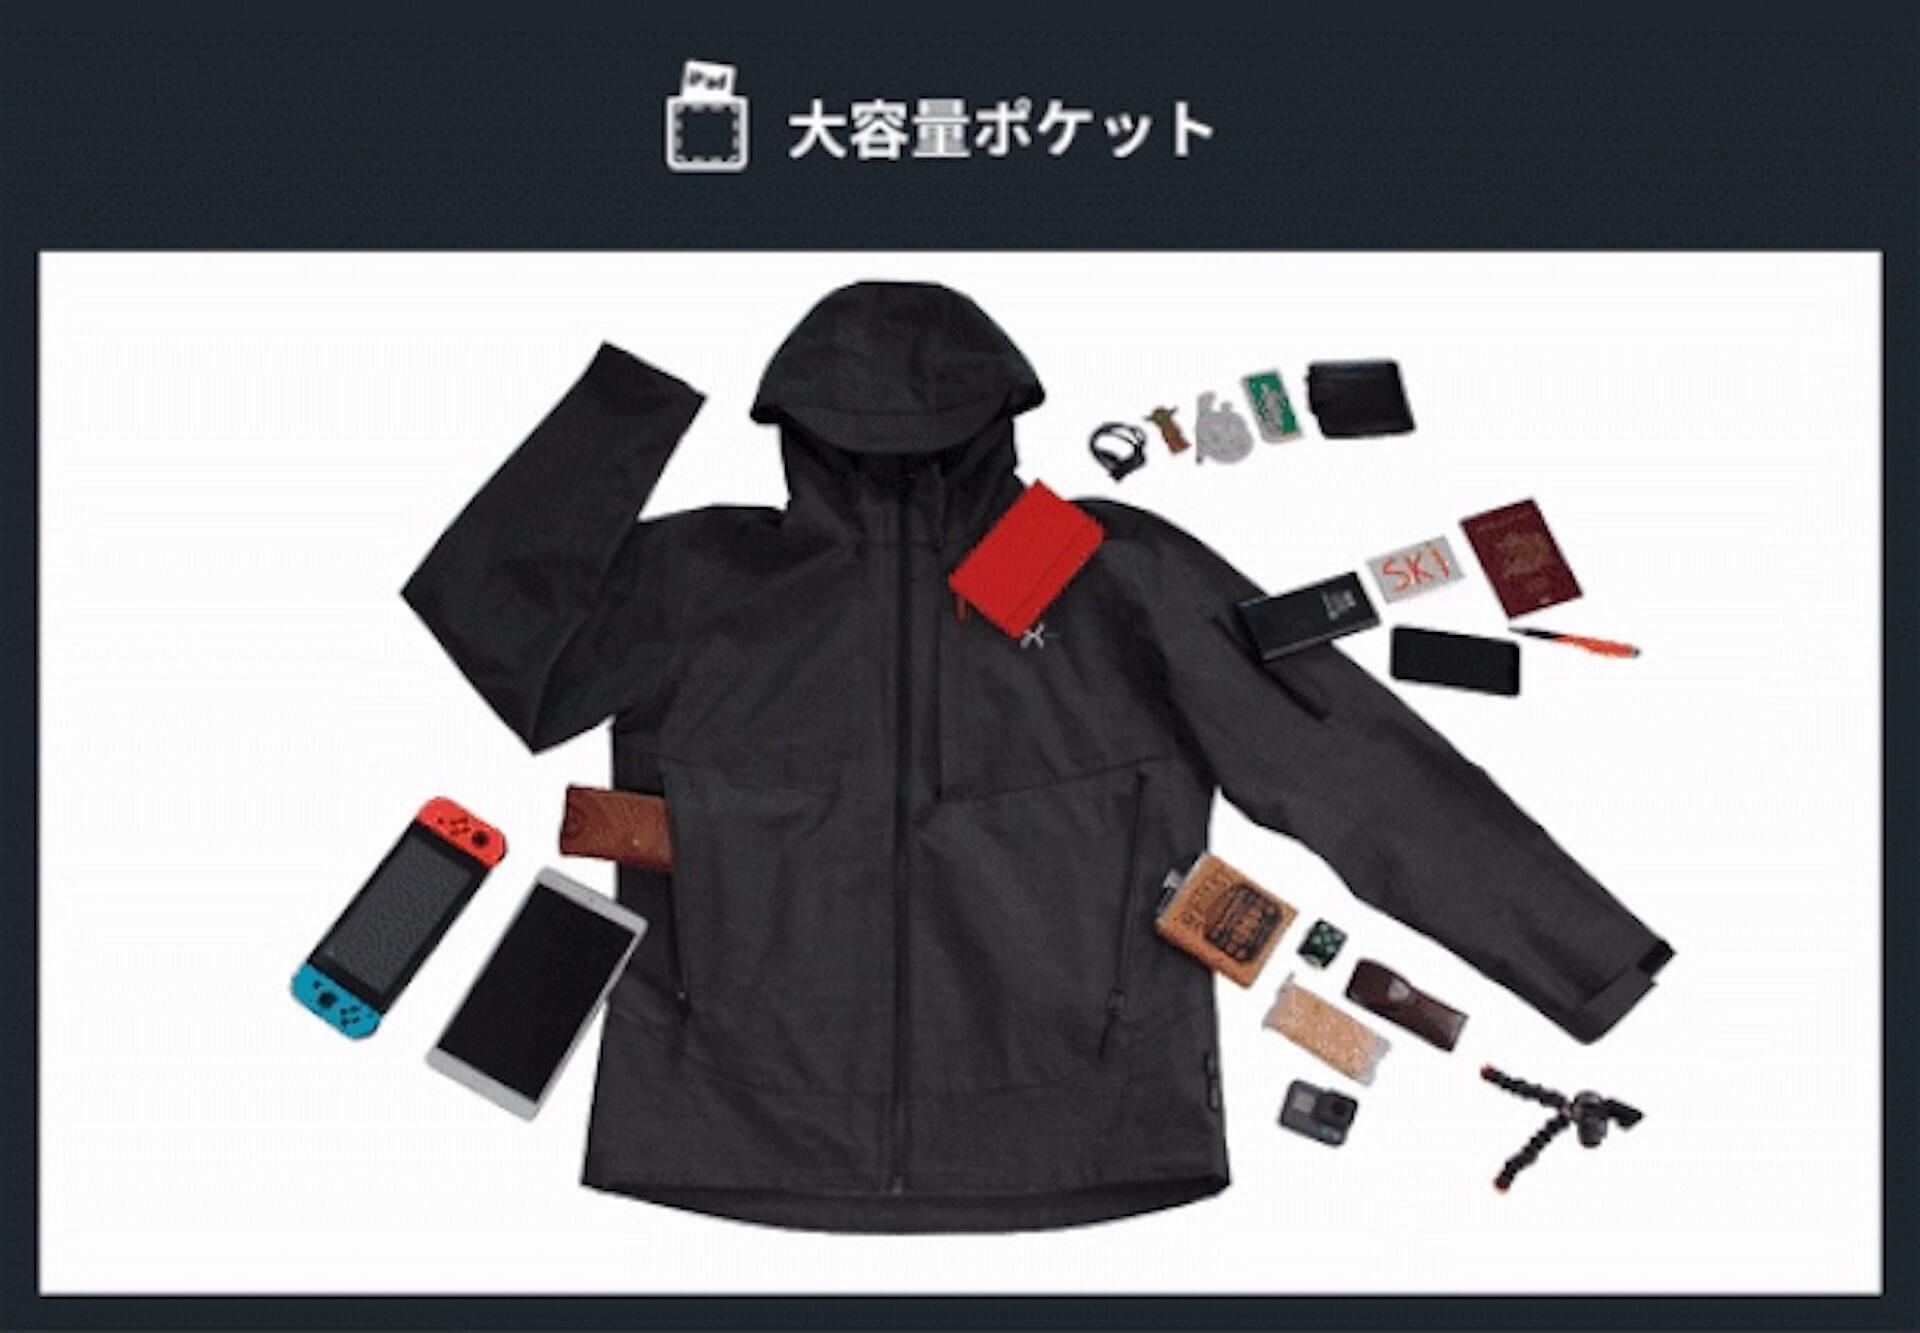 ダイヤモンドに匹敵する強度のグラフェンを使用したジャケットがクラウドファンディングサイトにて先行予約販売開始! lf200312_graphenex_02